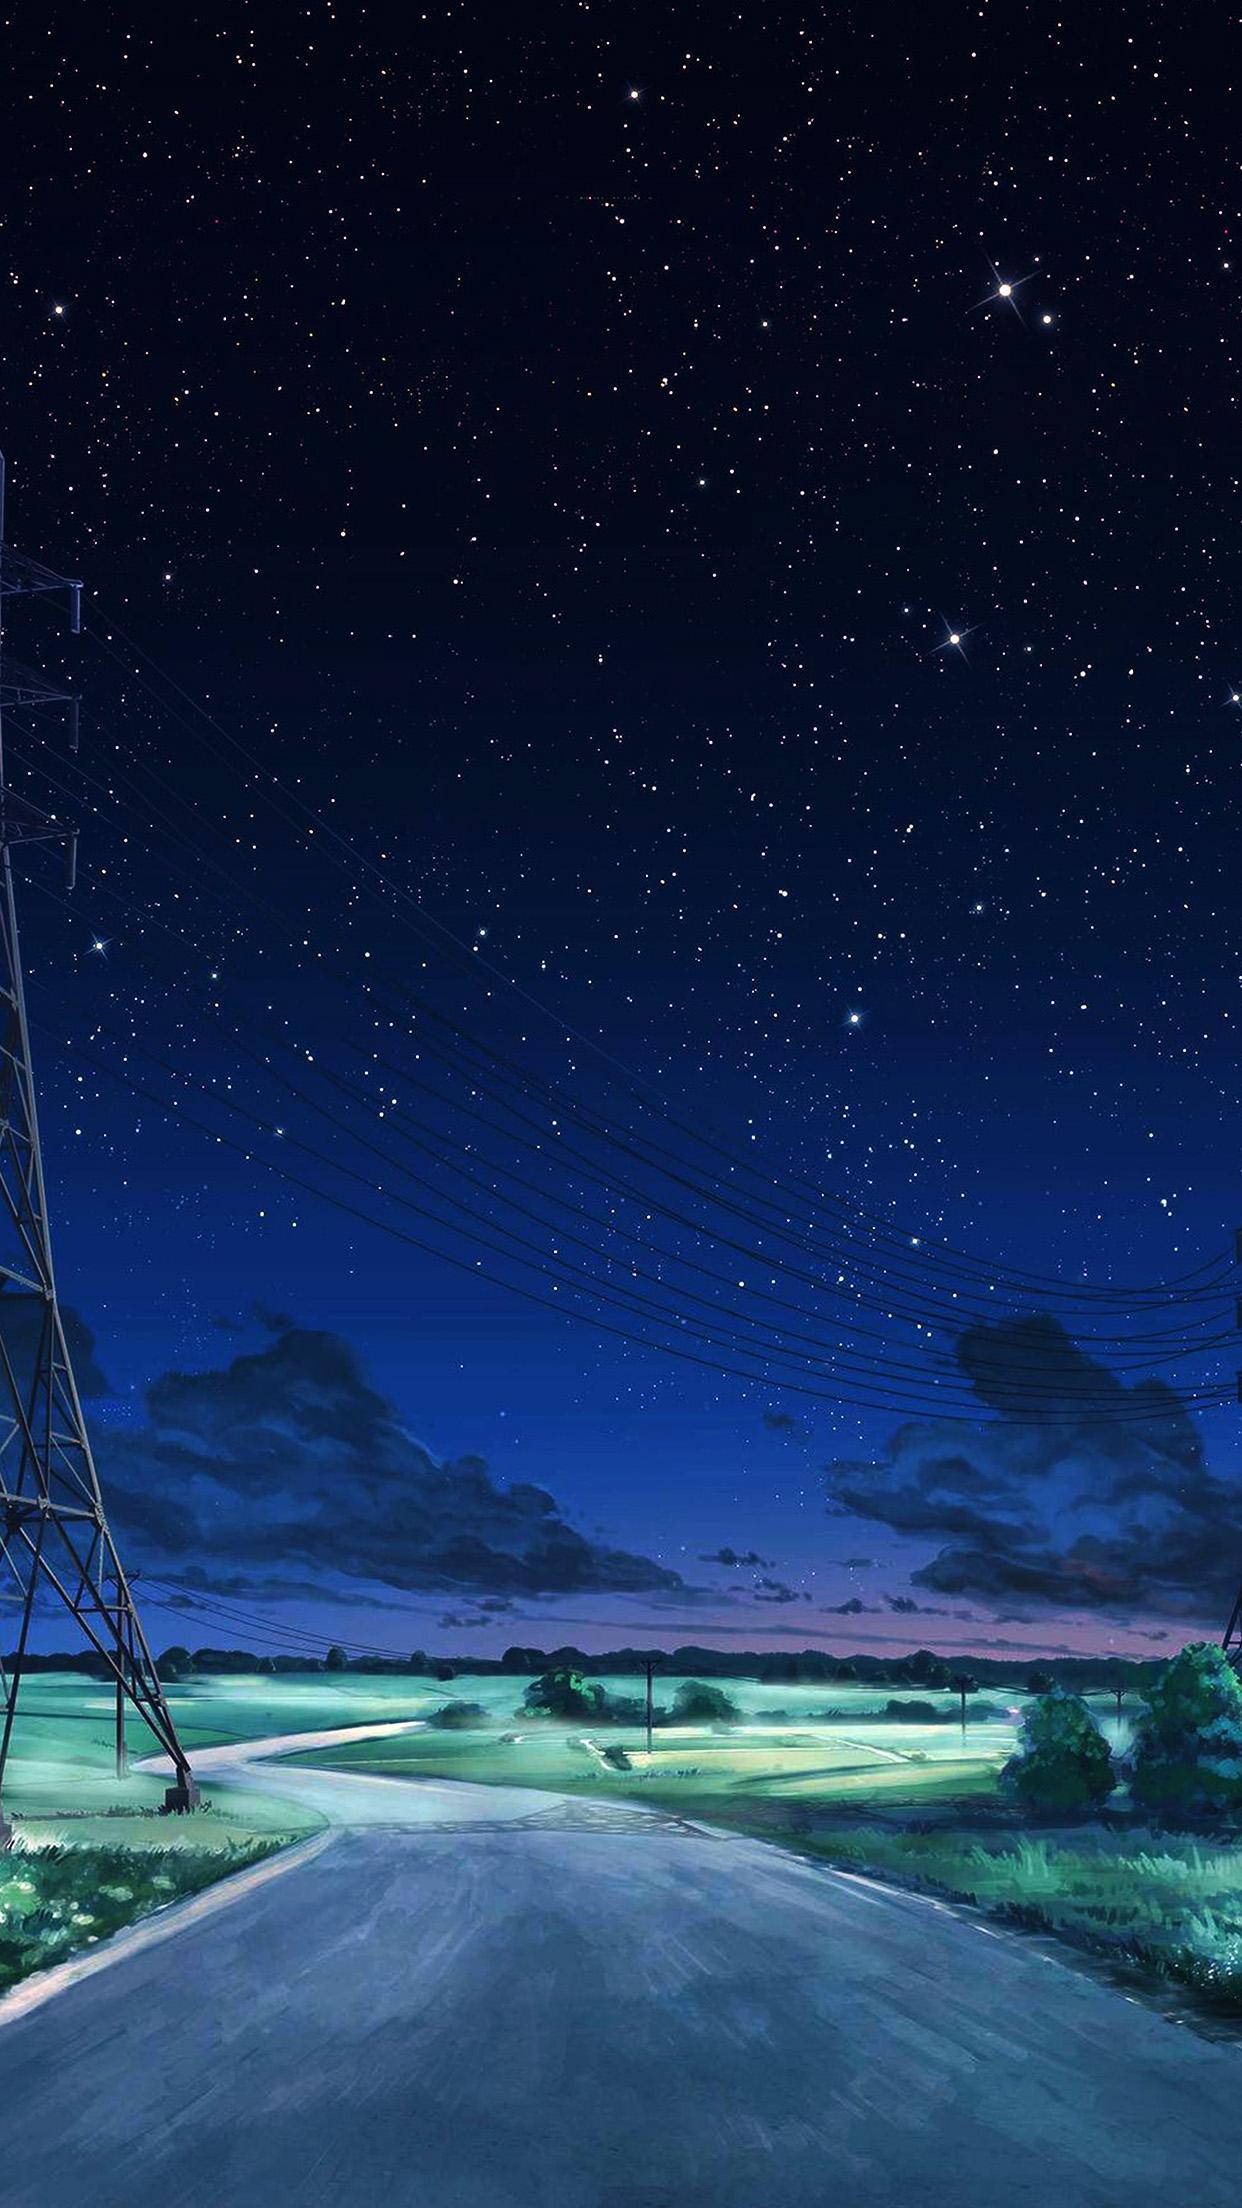 aw16-arseniy-chebynkin-night-sky-star-blue-illustration ...